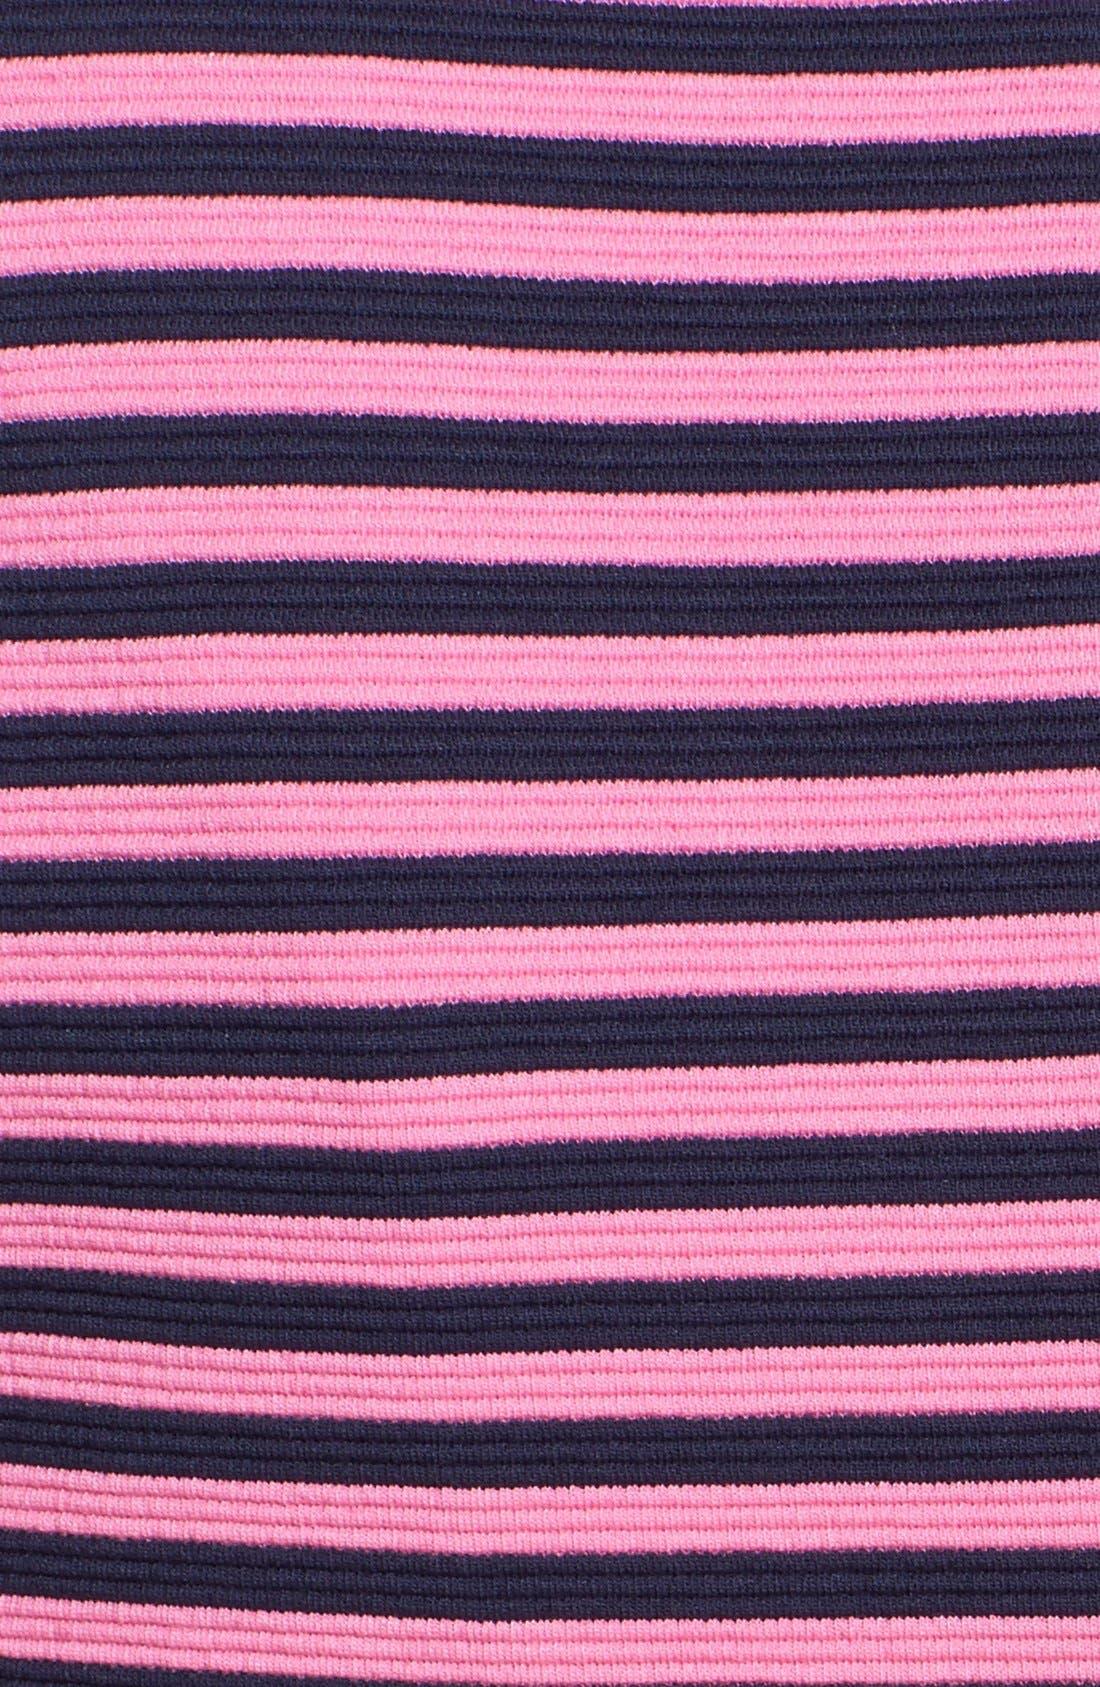 'Brielle' Stripe Fit & Flare Dress,                             Alternate thumbnail 3, color,                             650